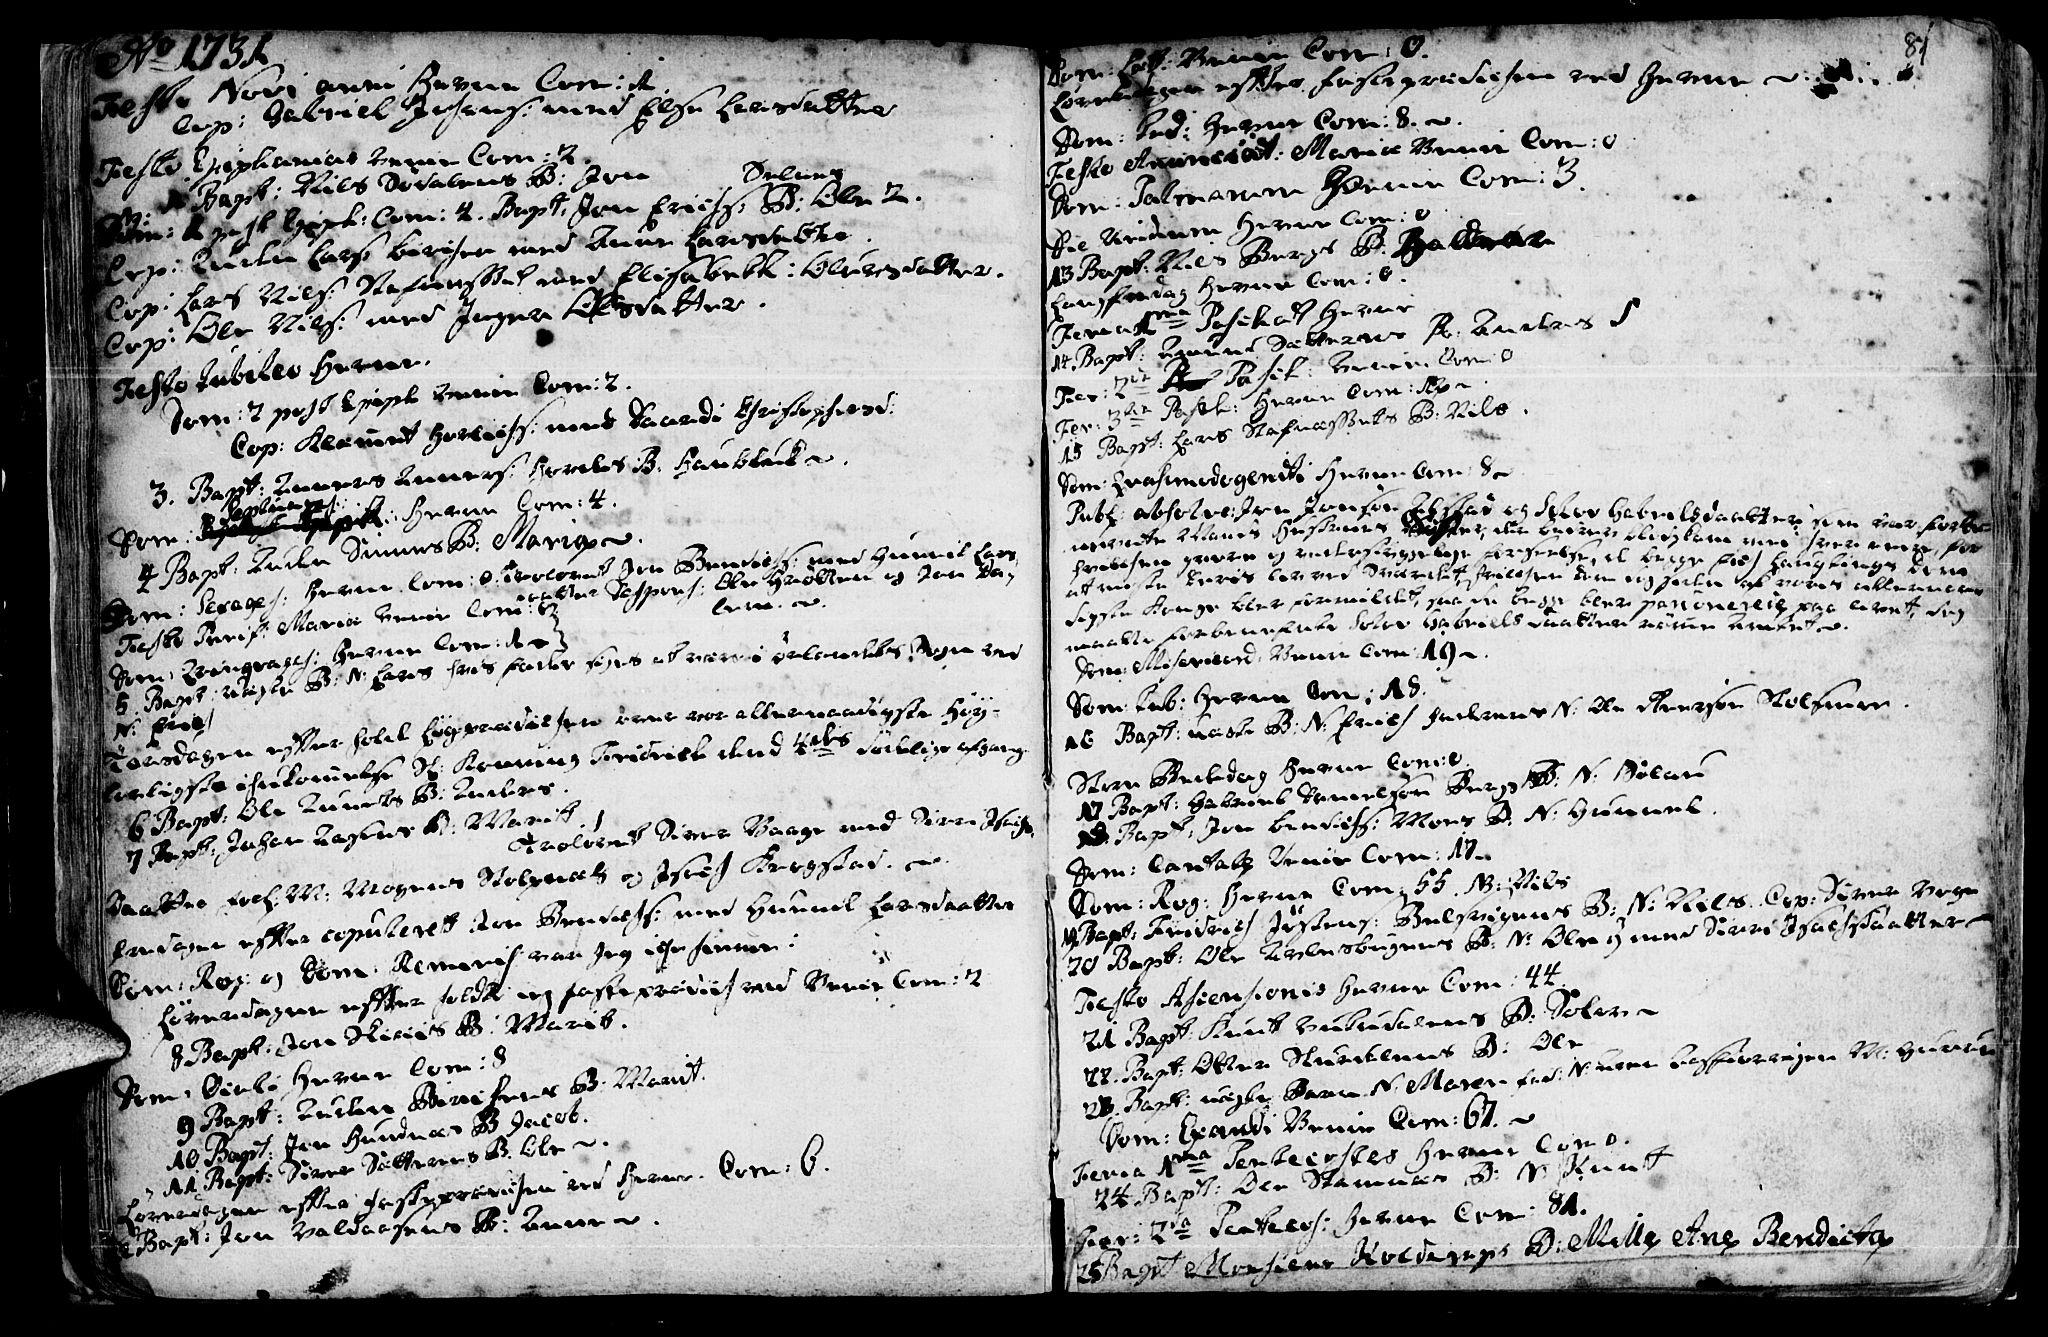 SAT, Ministerialprotokoller, klokkerbøker og fødselsregistre - Sør-Trøndelag, 630/L0488: Ministerialbok nr. 630A01, 1717-1756, s. 80-81